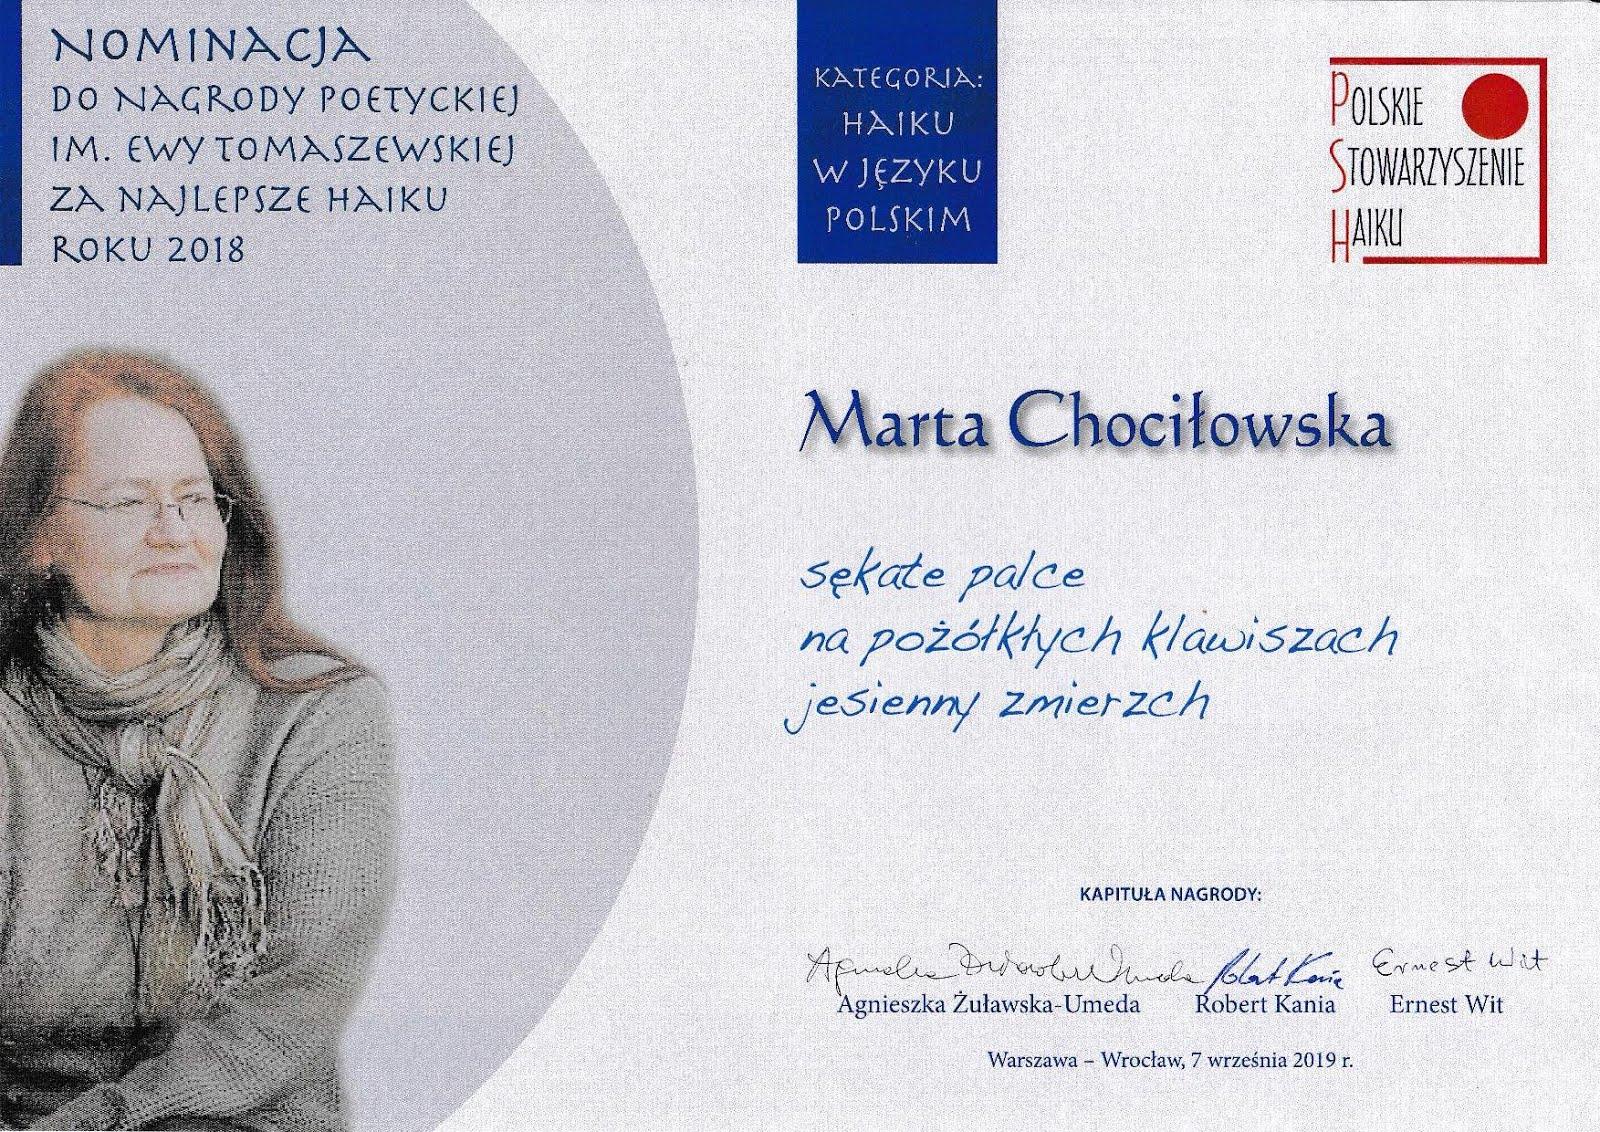 Nominacja do NET